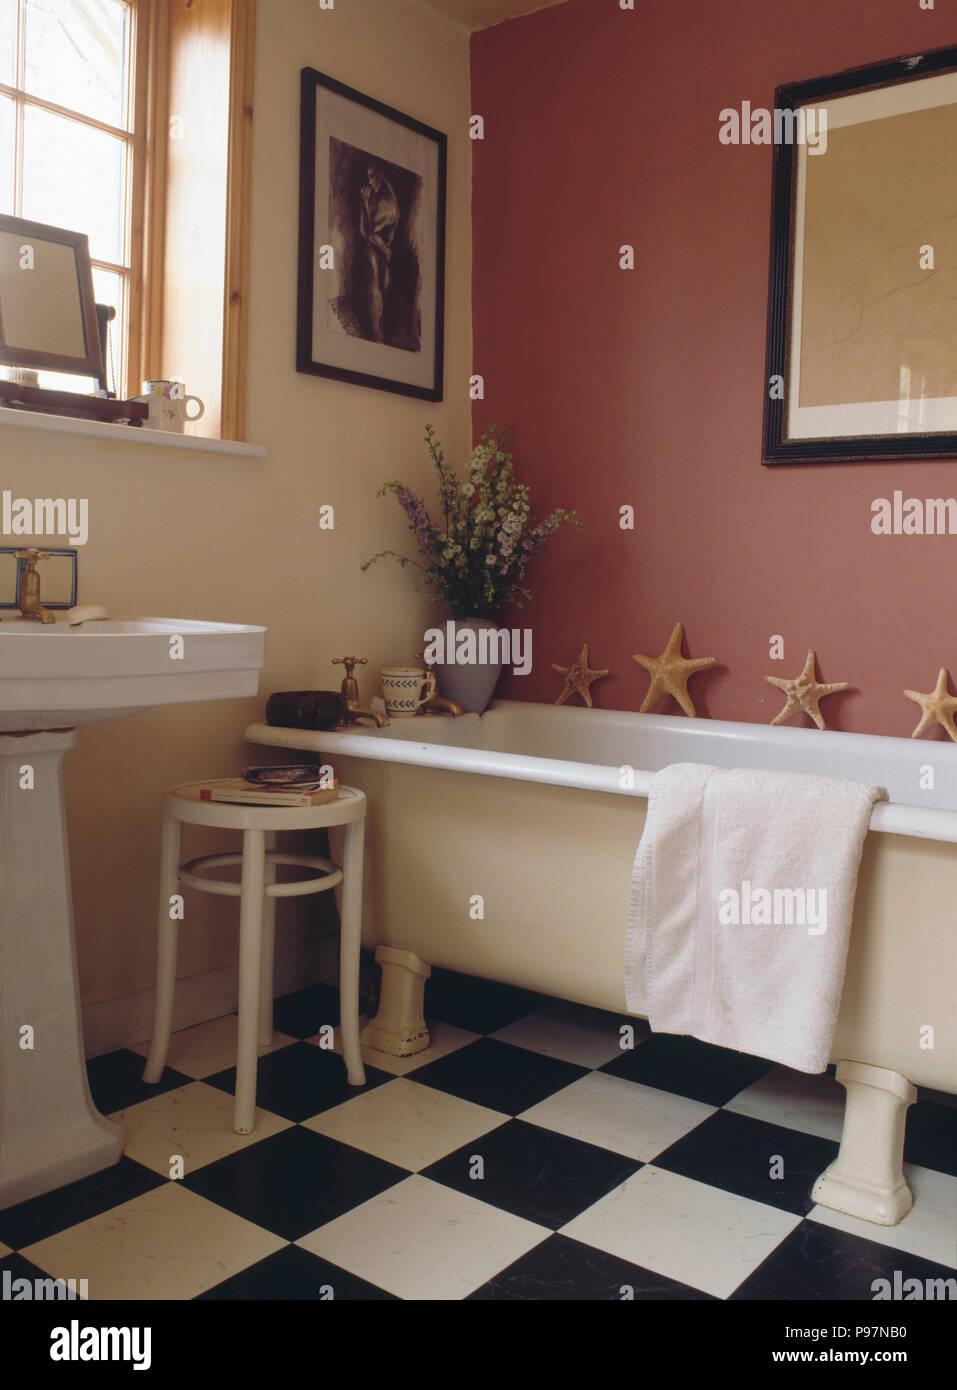 Damier noir et blanc revêtement en vinyle rose dans une salle de ...